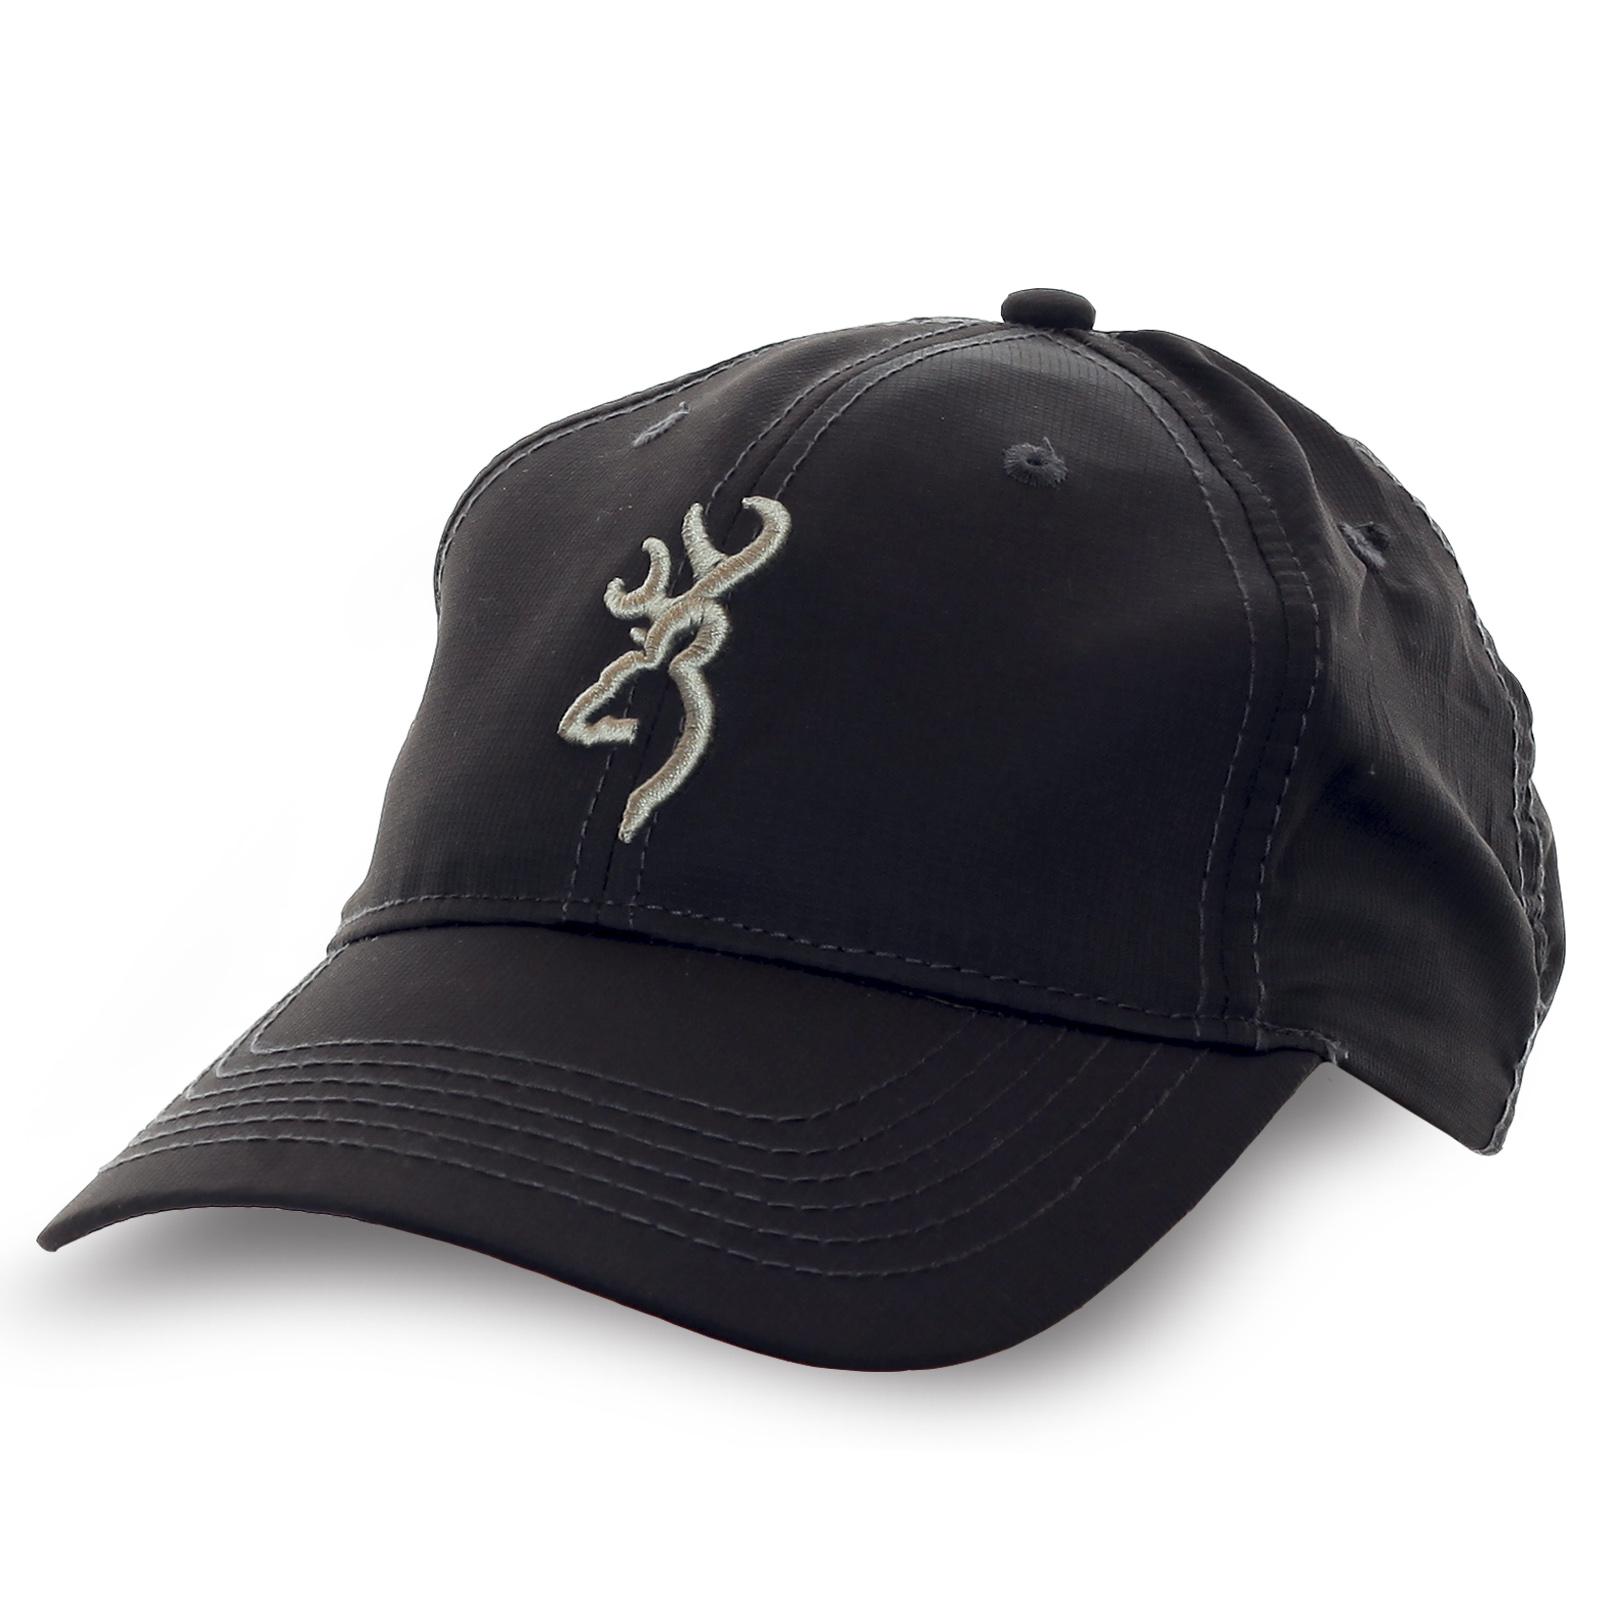 Черная бейсболка Browning. Достойный пошив, отличная цена